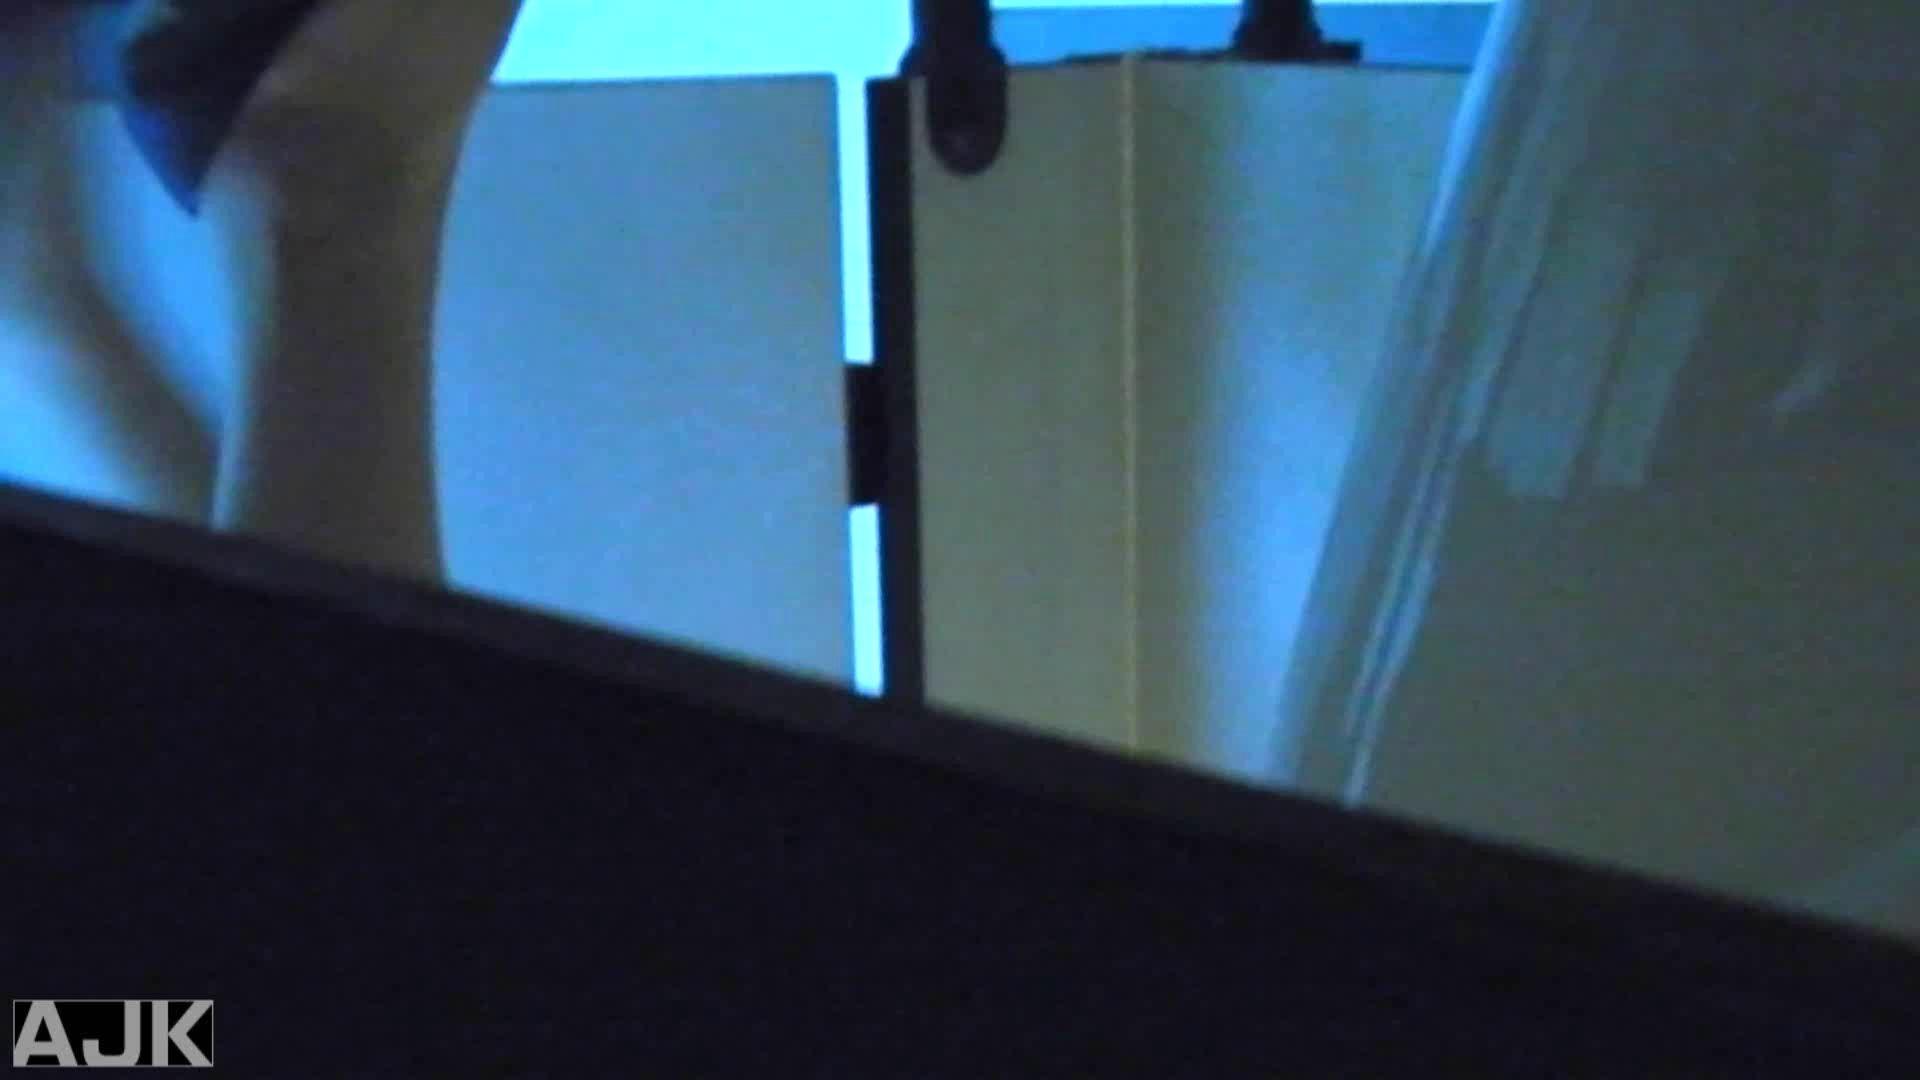 神降臨!史上最強の潜入かわや! vol.17 マンコエロすぎ 盗撮動画紹介 106PIX 21